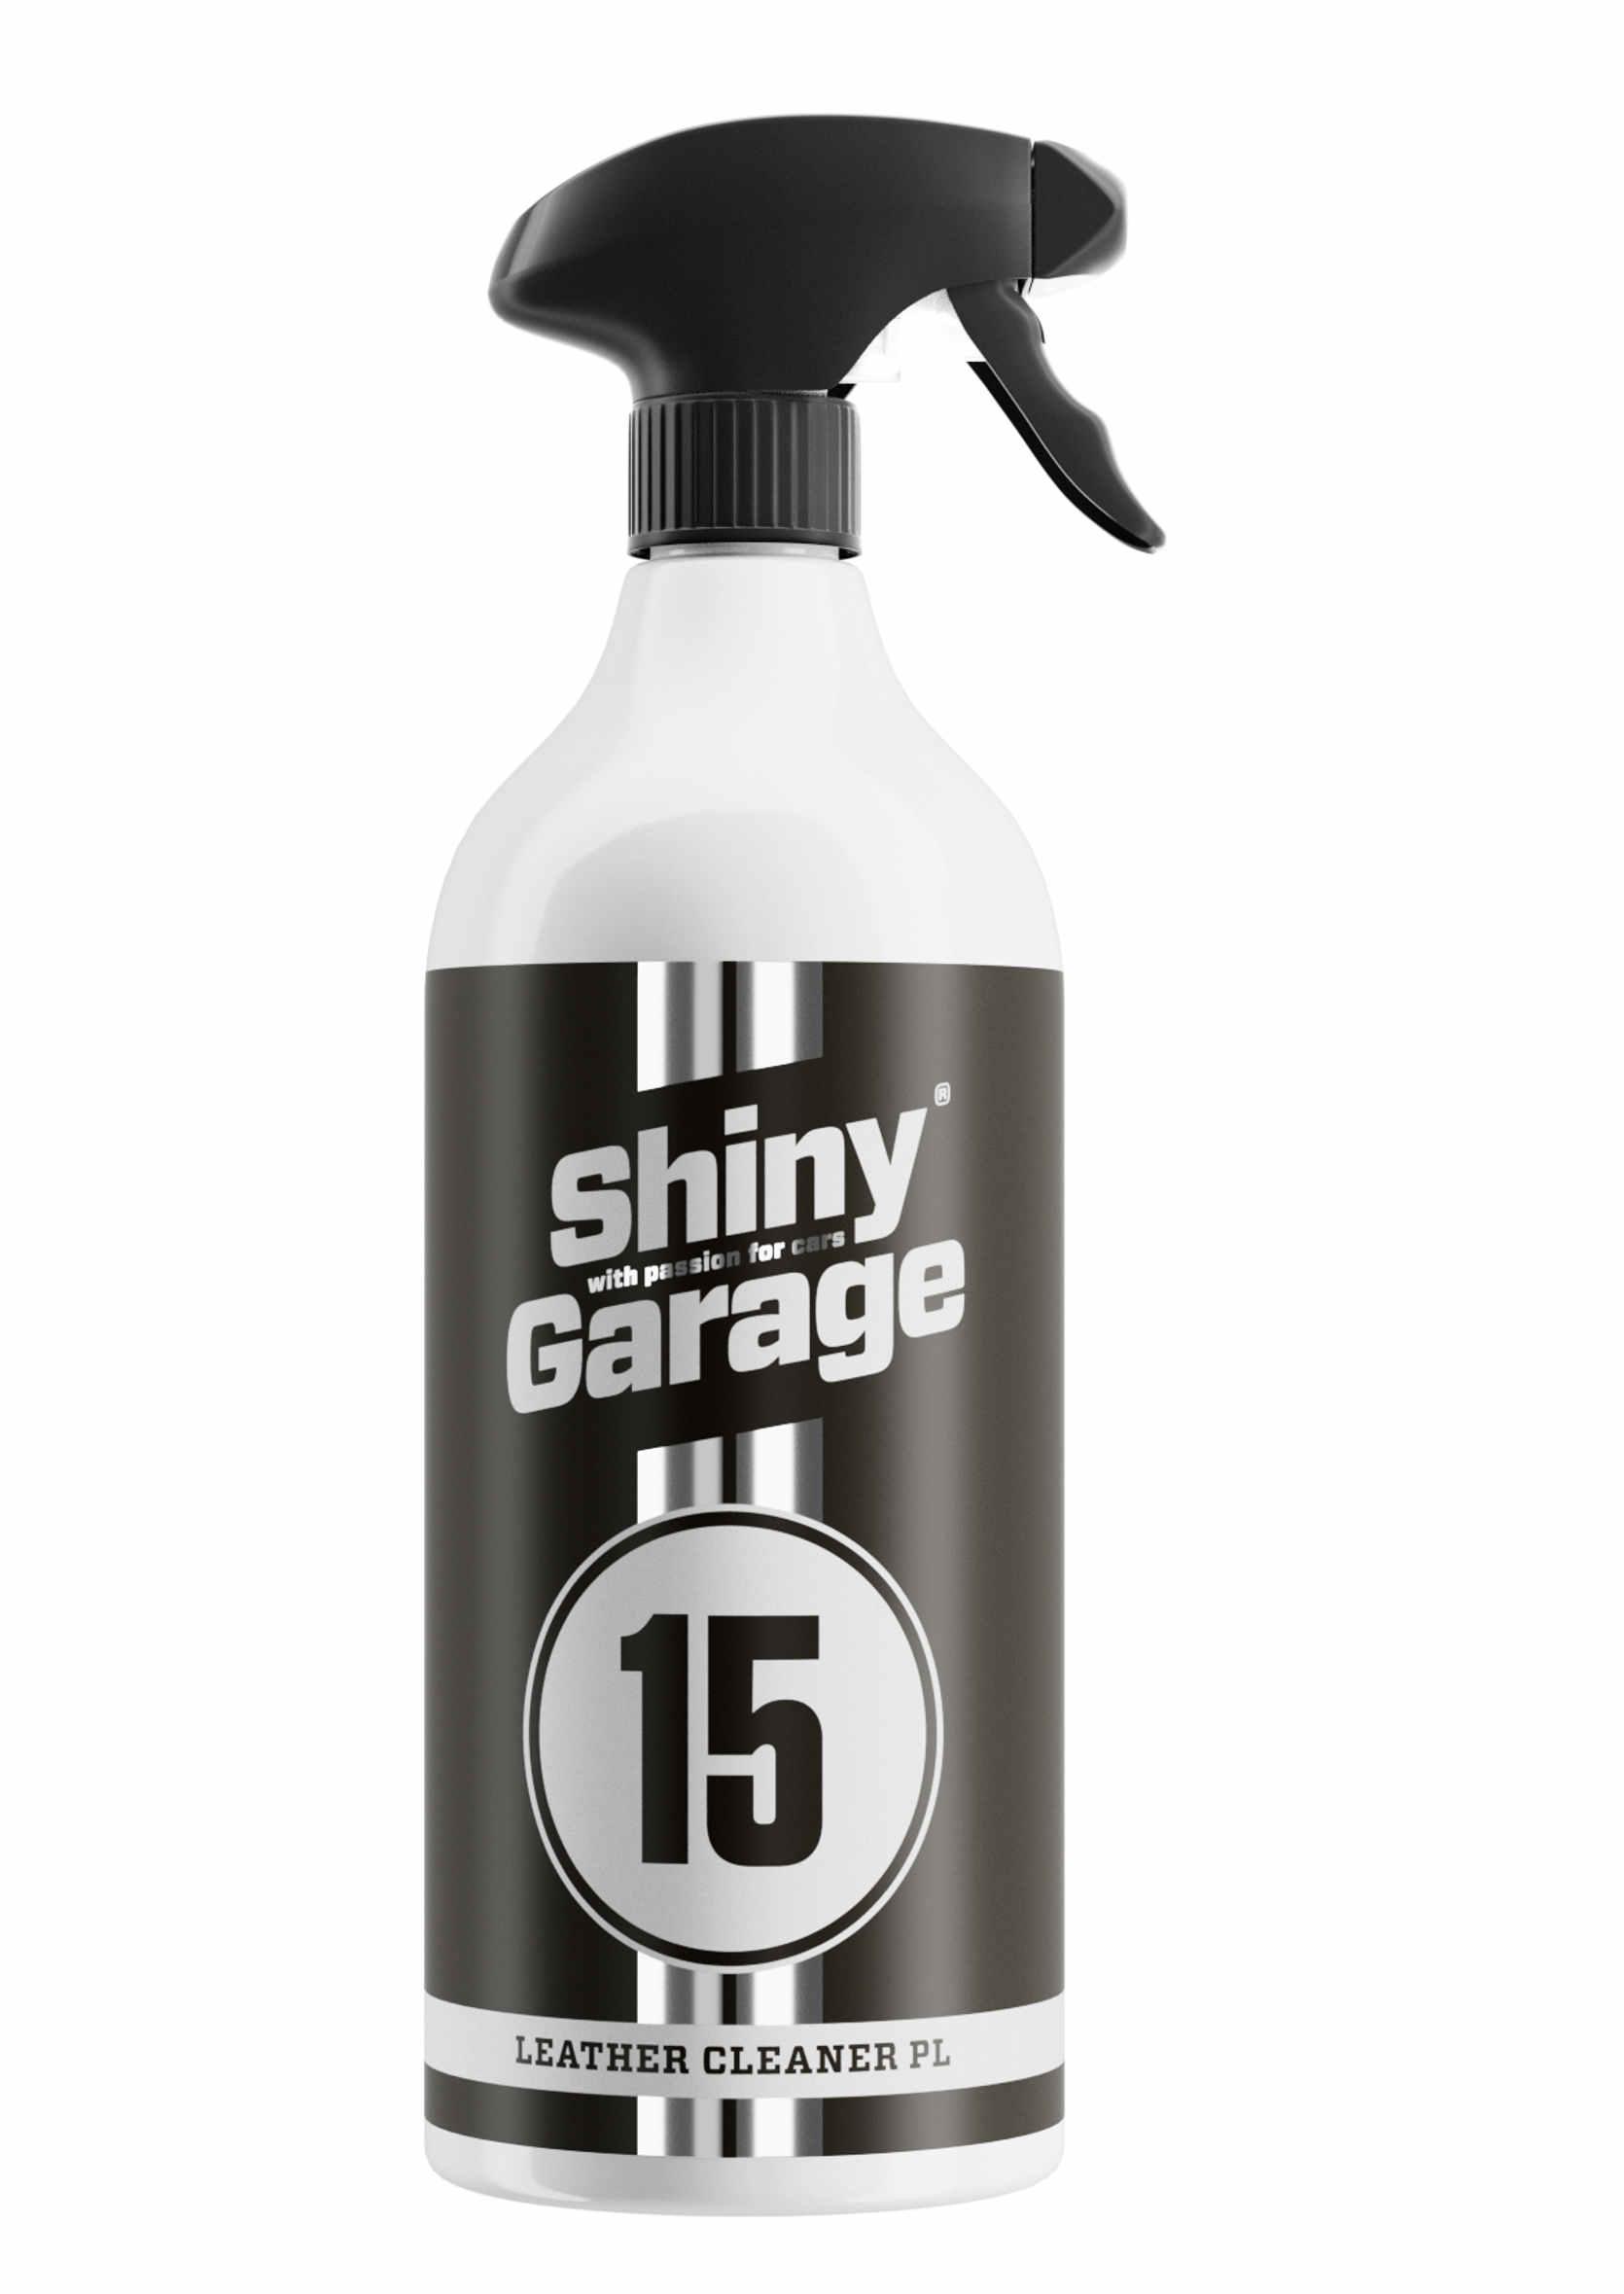 Shiny Garage Leather Cleaner Strong Silny Płyn do Czyszczenia Skóry 1L